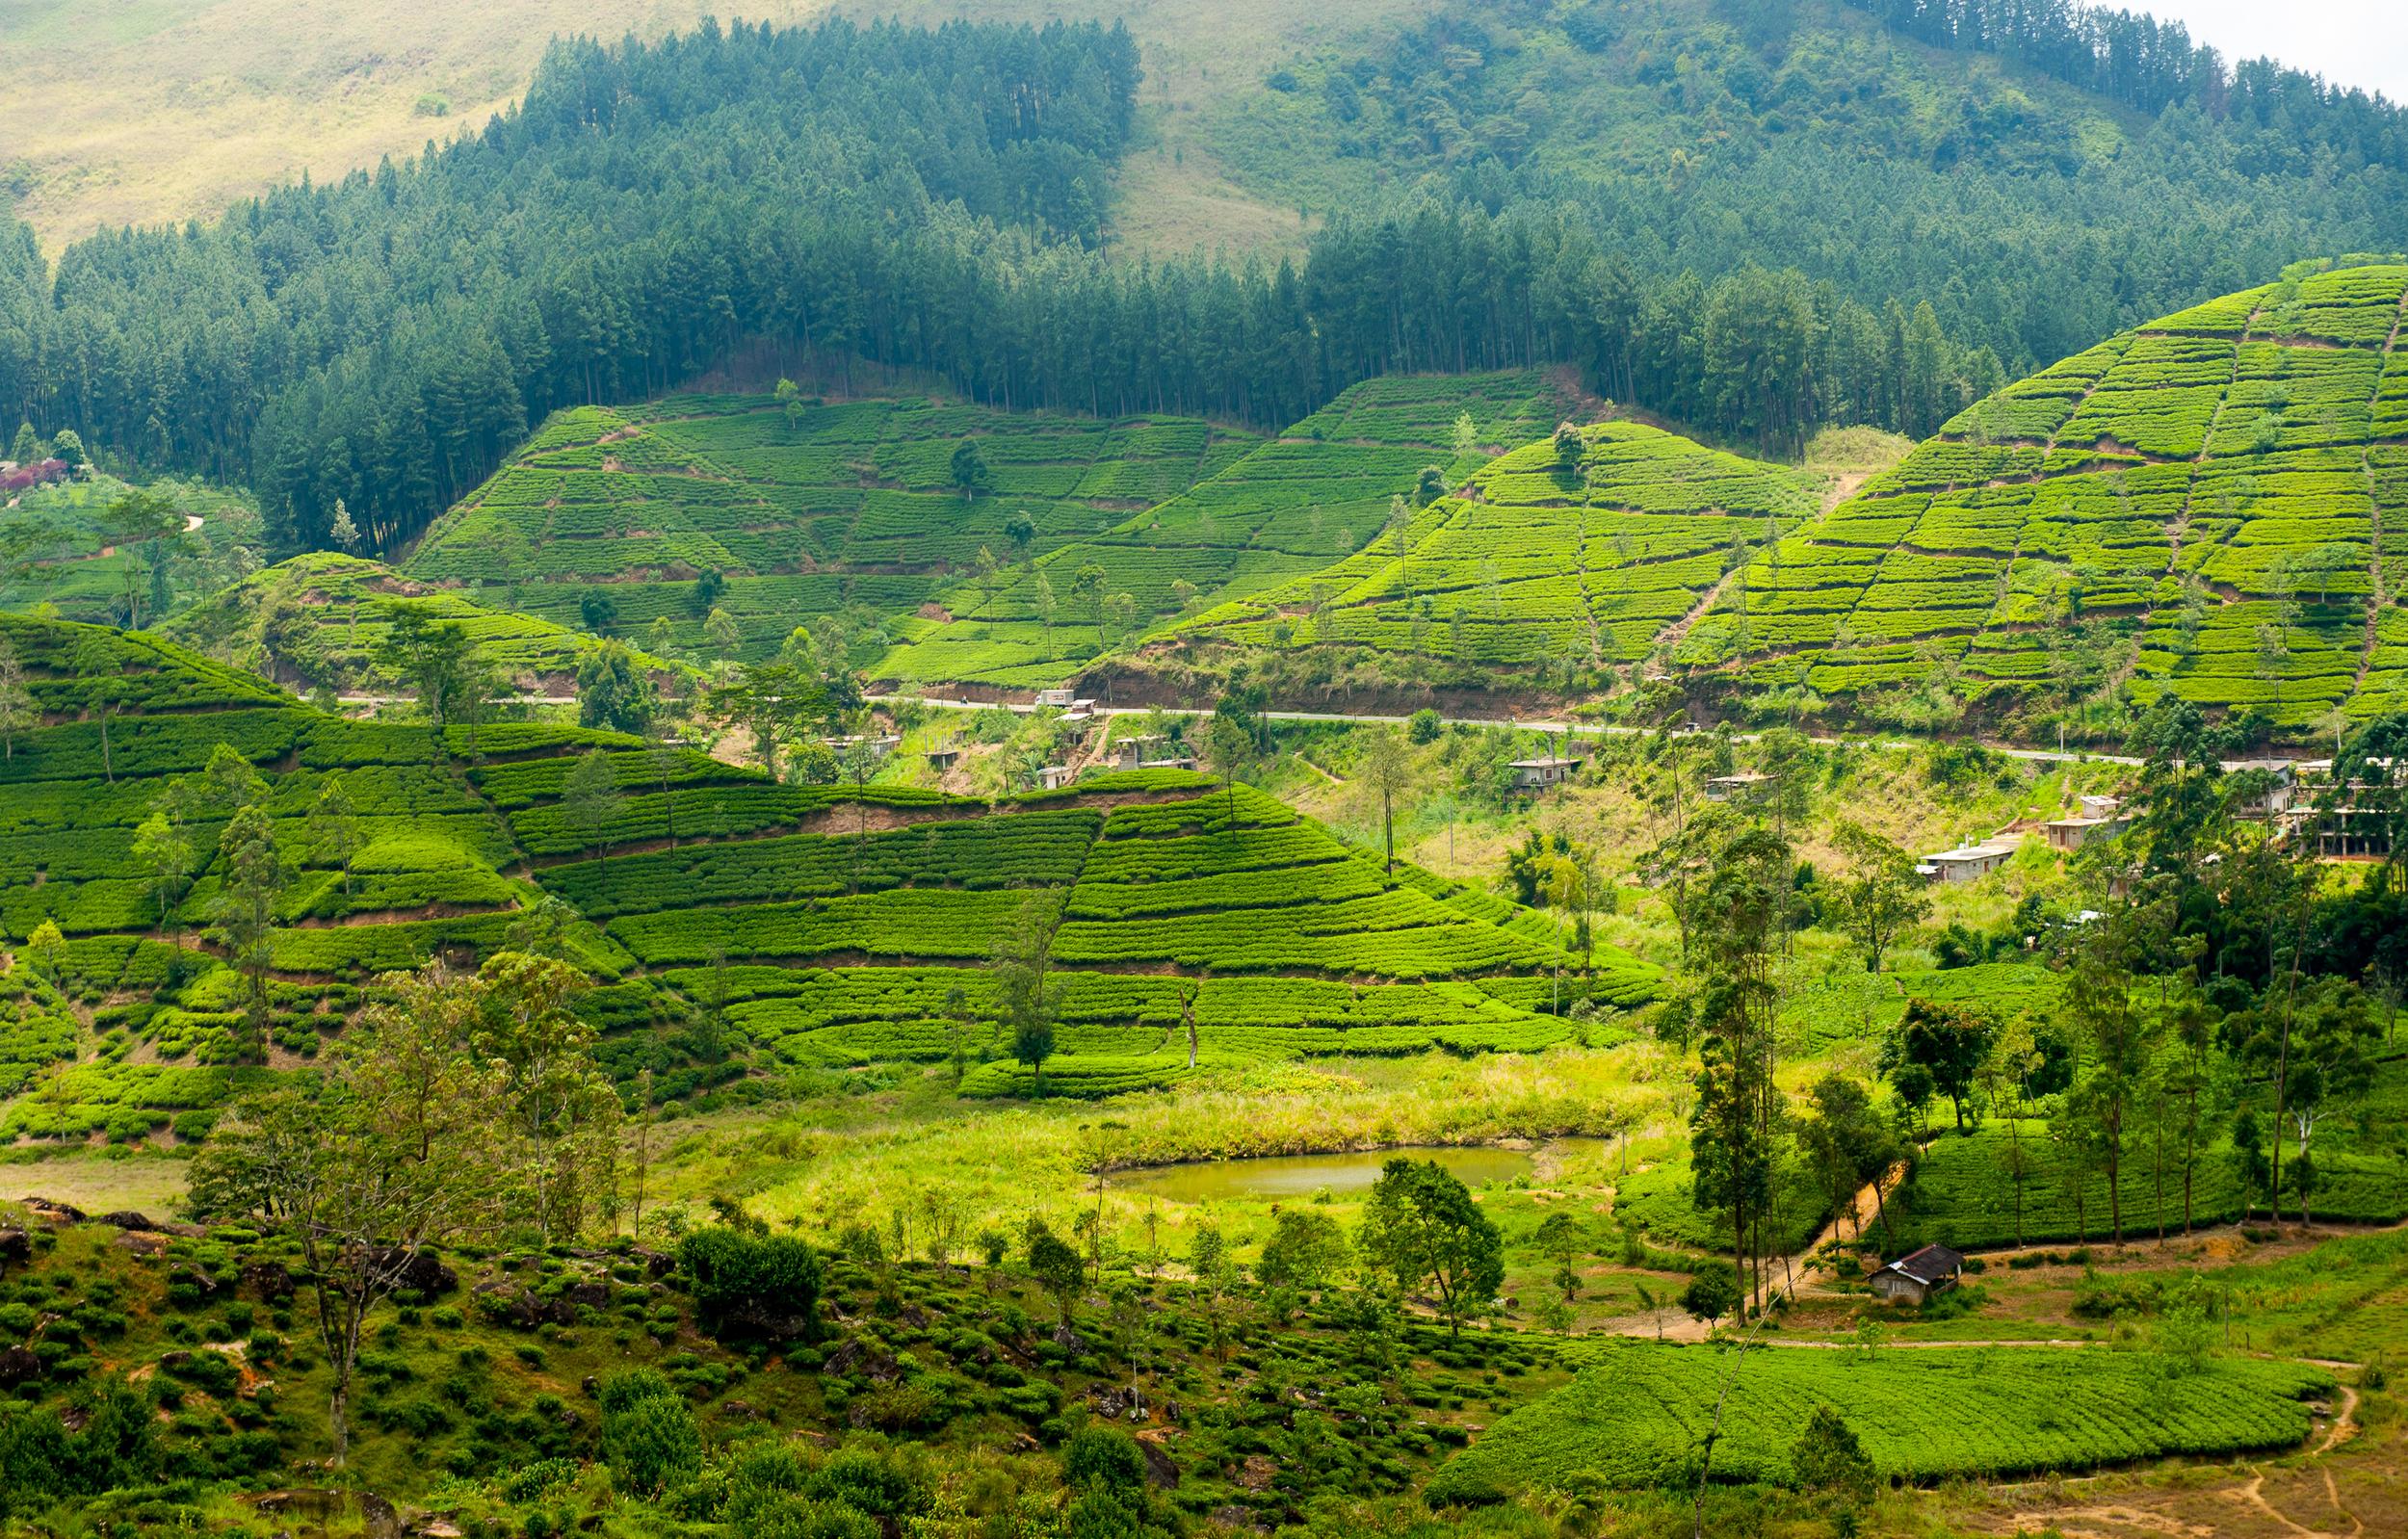 invite-to-paradise-sri-lanka-holiday-honeymoon-tea-plantations-mountains-14.jpg